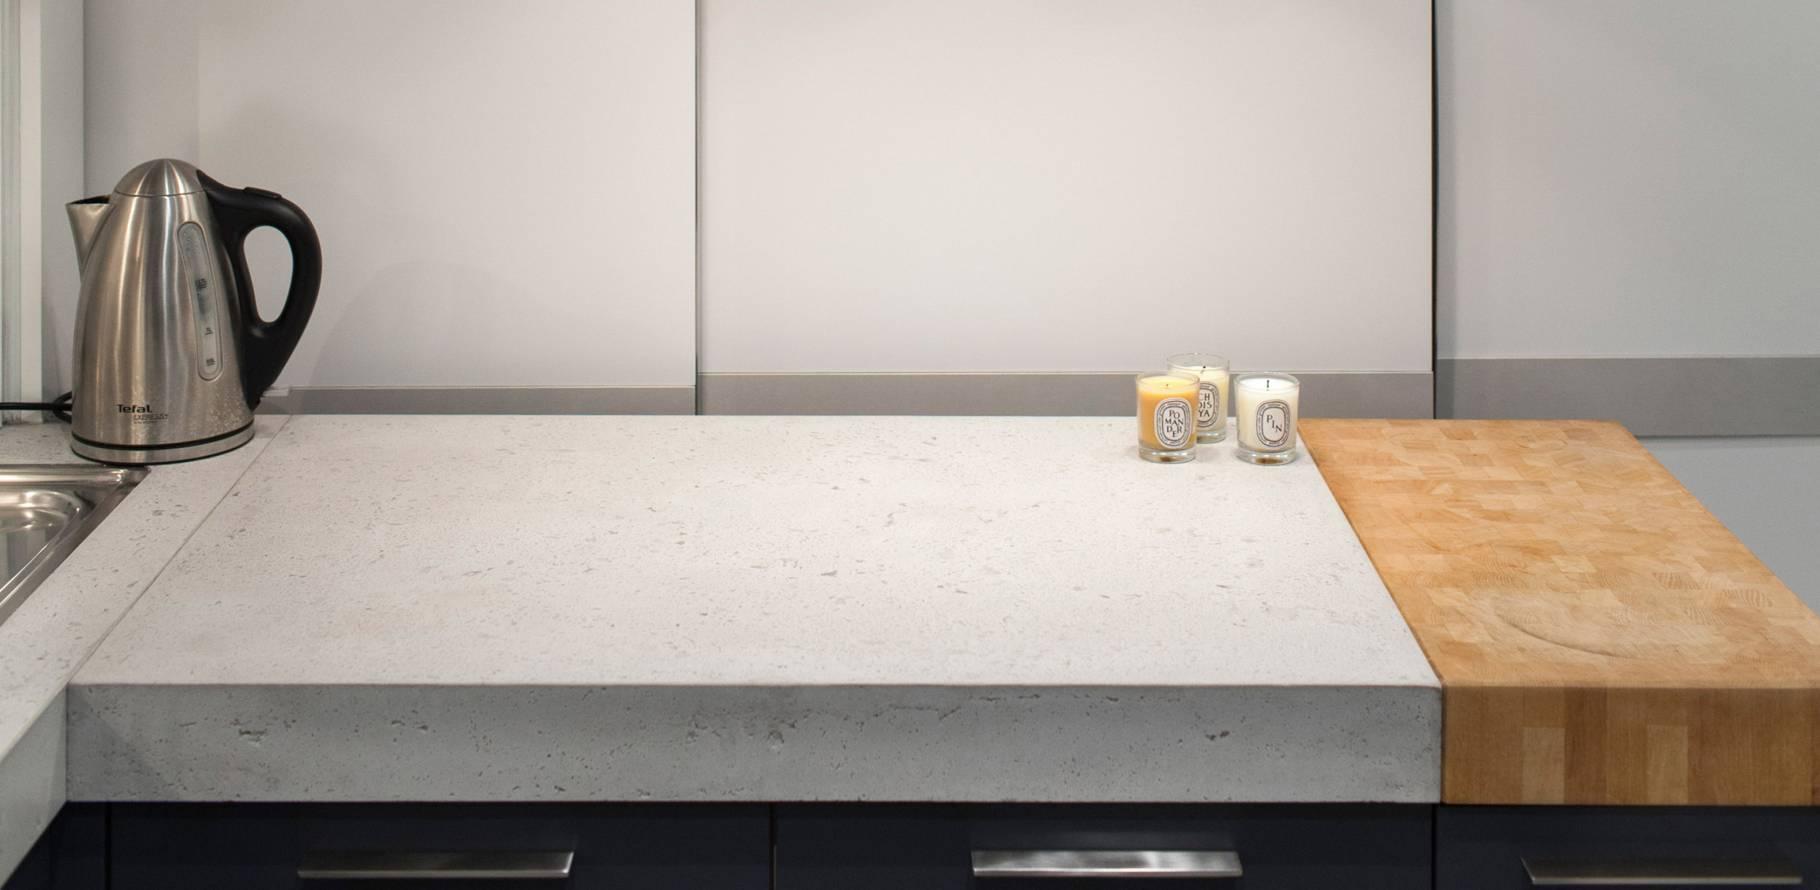 Vernis pour plan de travail en beton brut